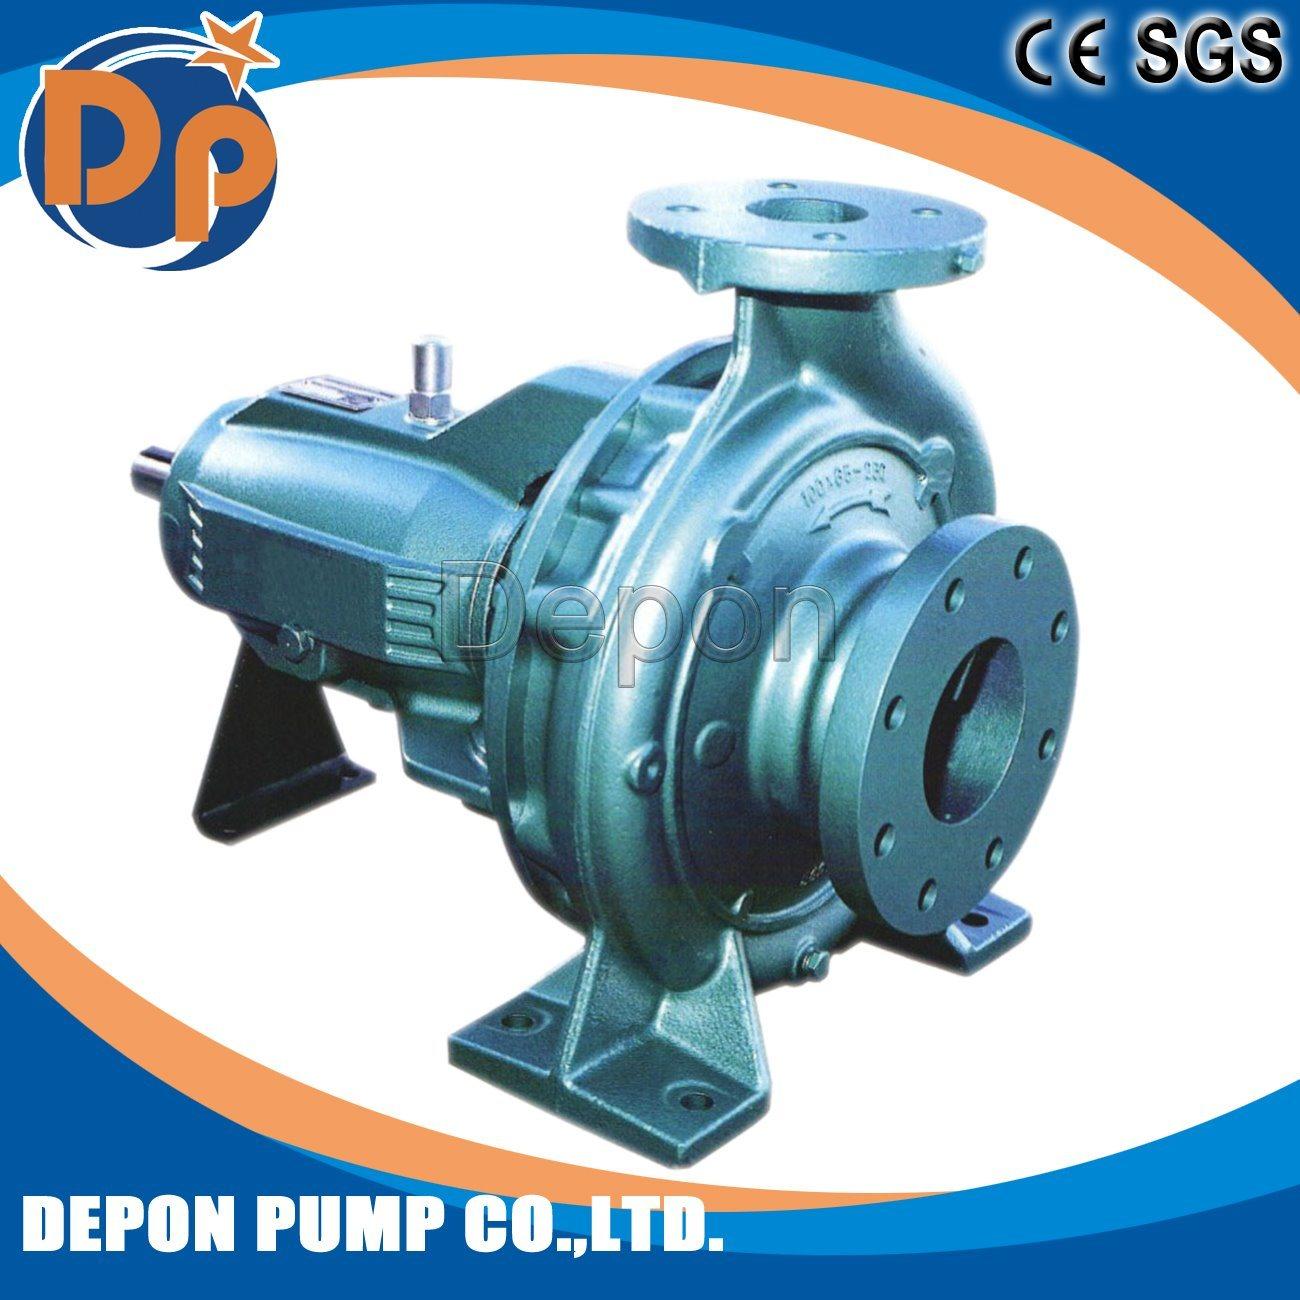 High Capacity 720m3/H Diesel Water Pump